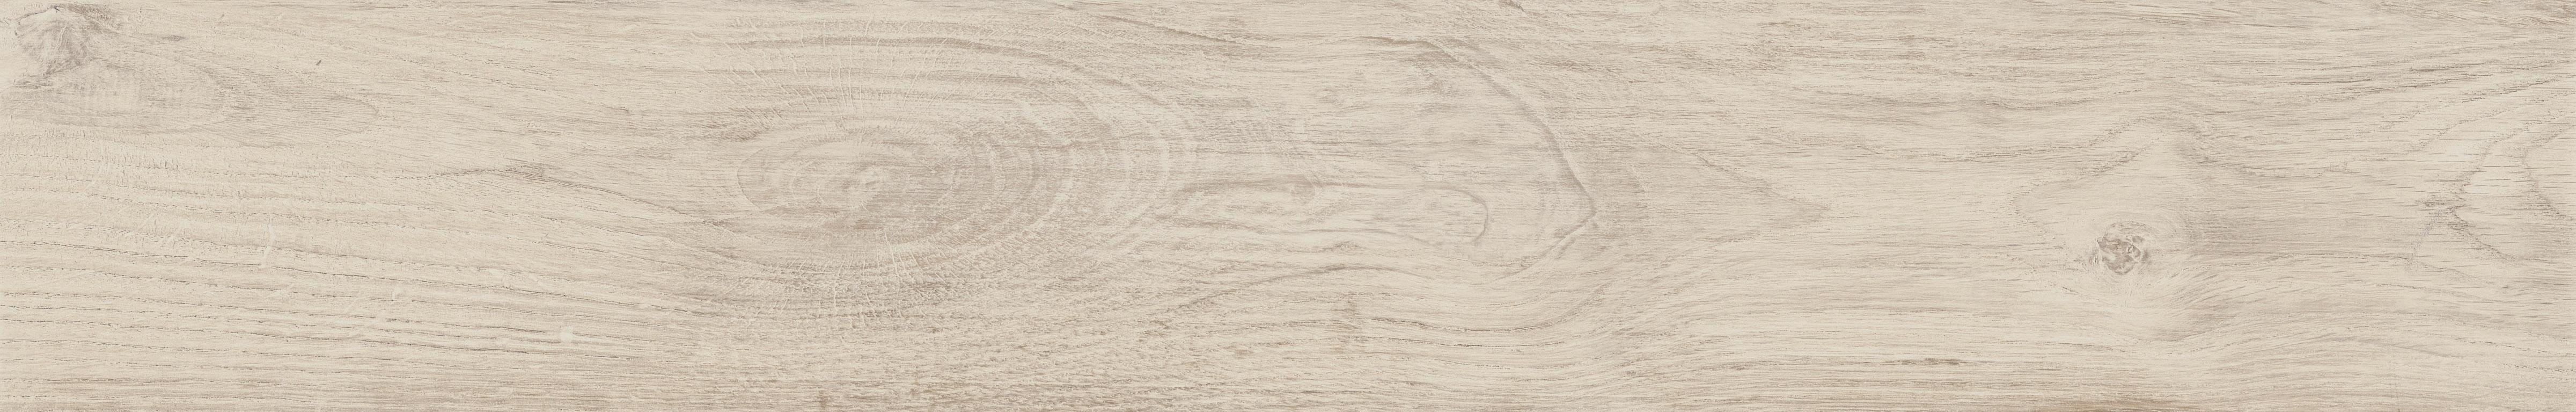 Плитка Allwood Bianco (zzxwu1r) изображение 4